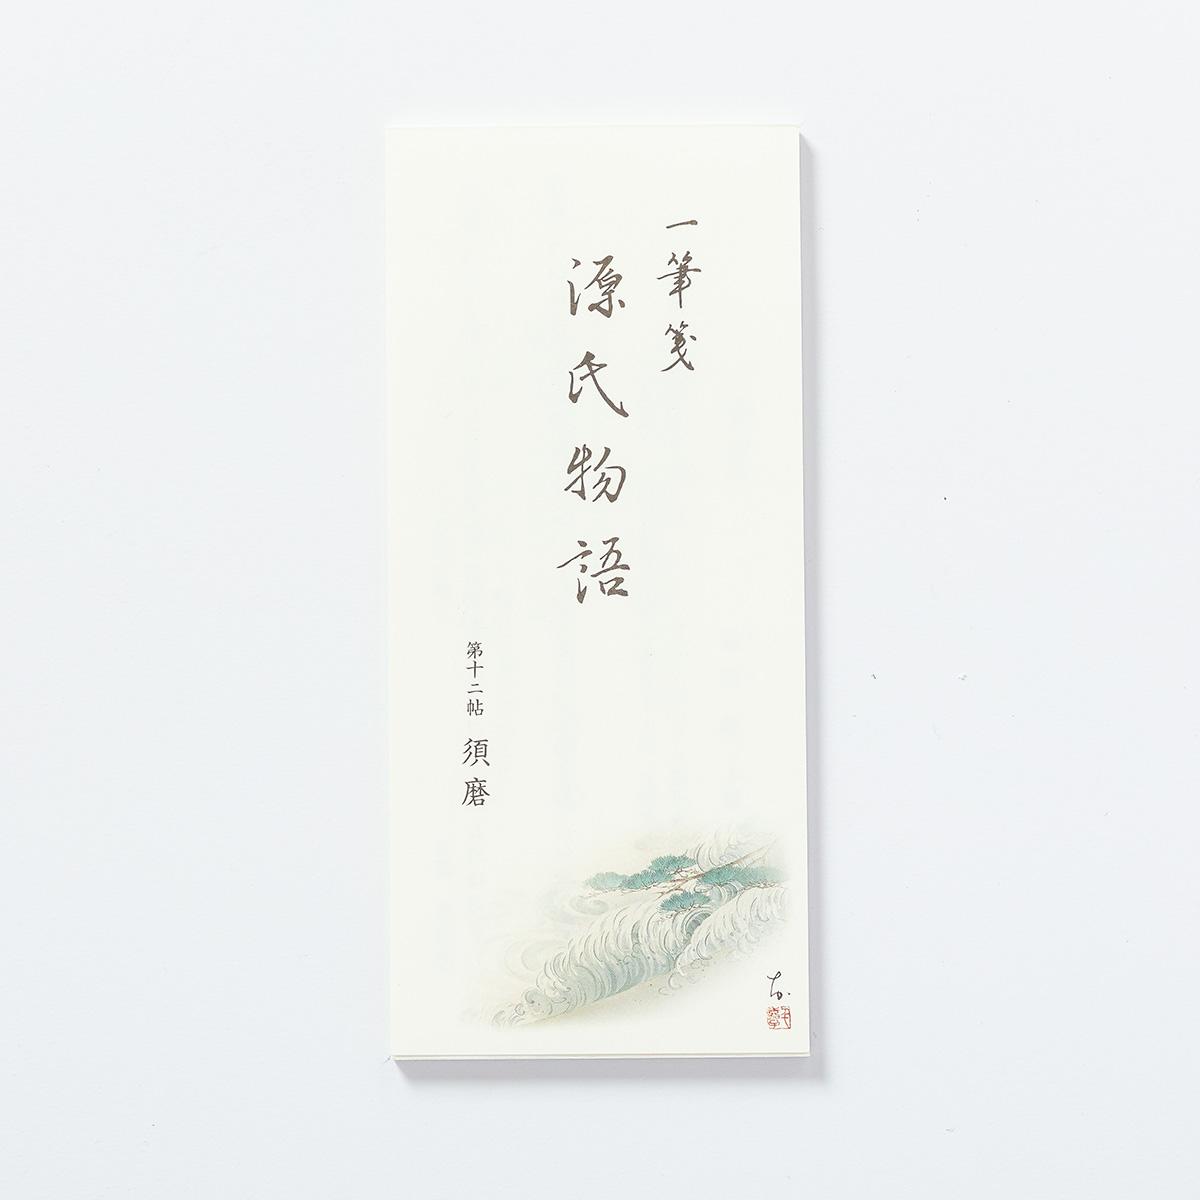 源氏物語一筆箋 第12帖「須磨」